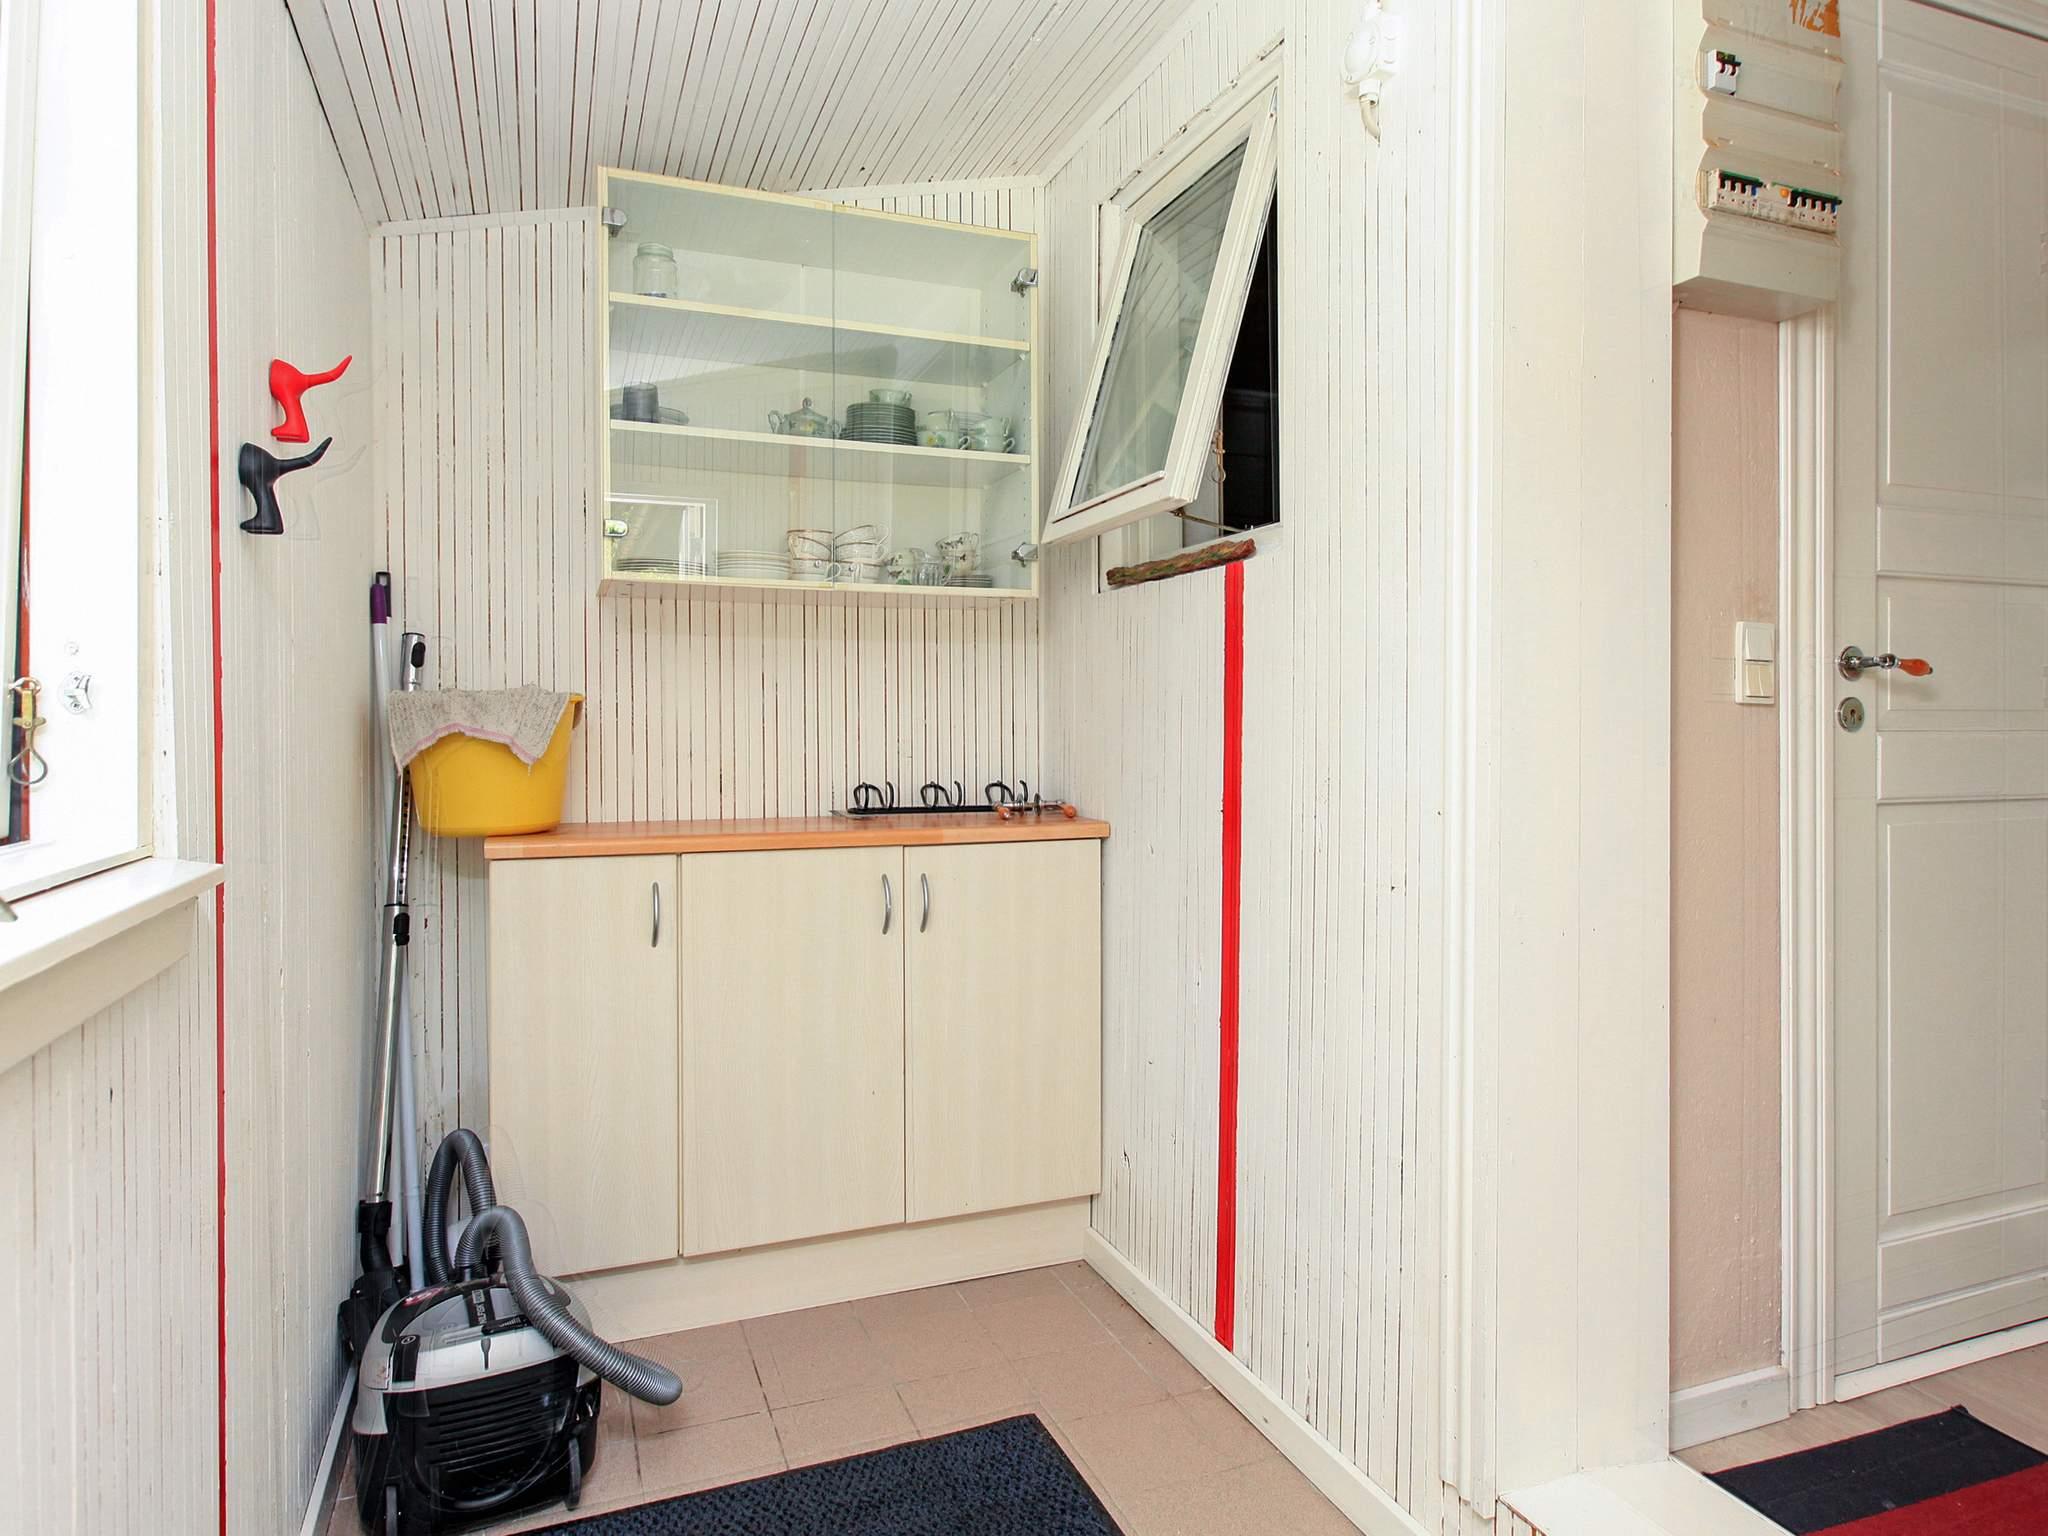 Ferienhaus Kulhuse (2452064), Kulhuse, , Nordseeland, Dänemark, Bild 10